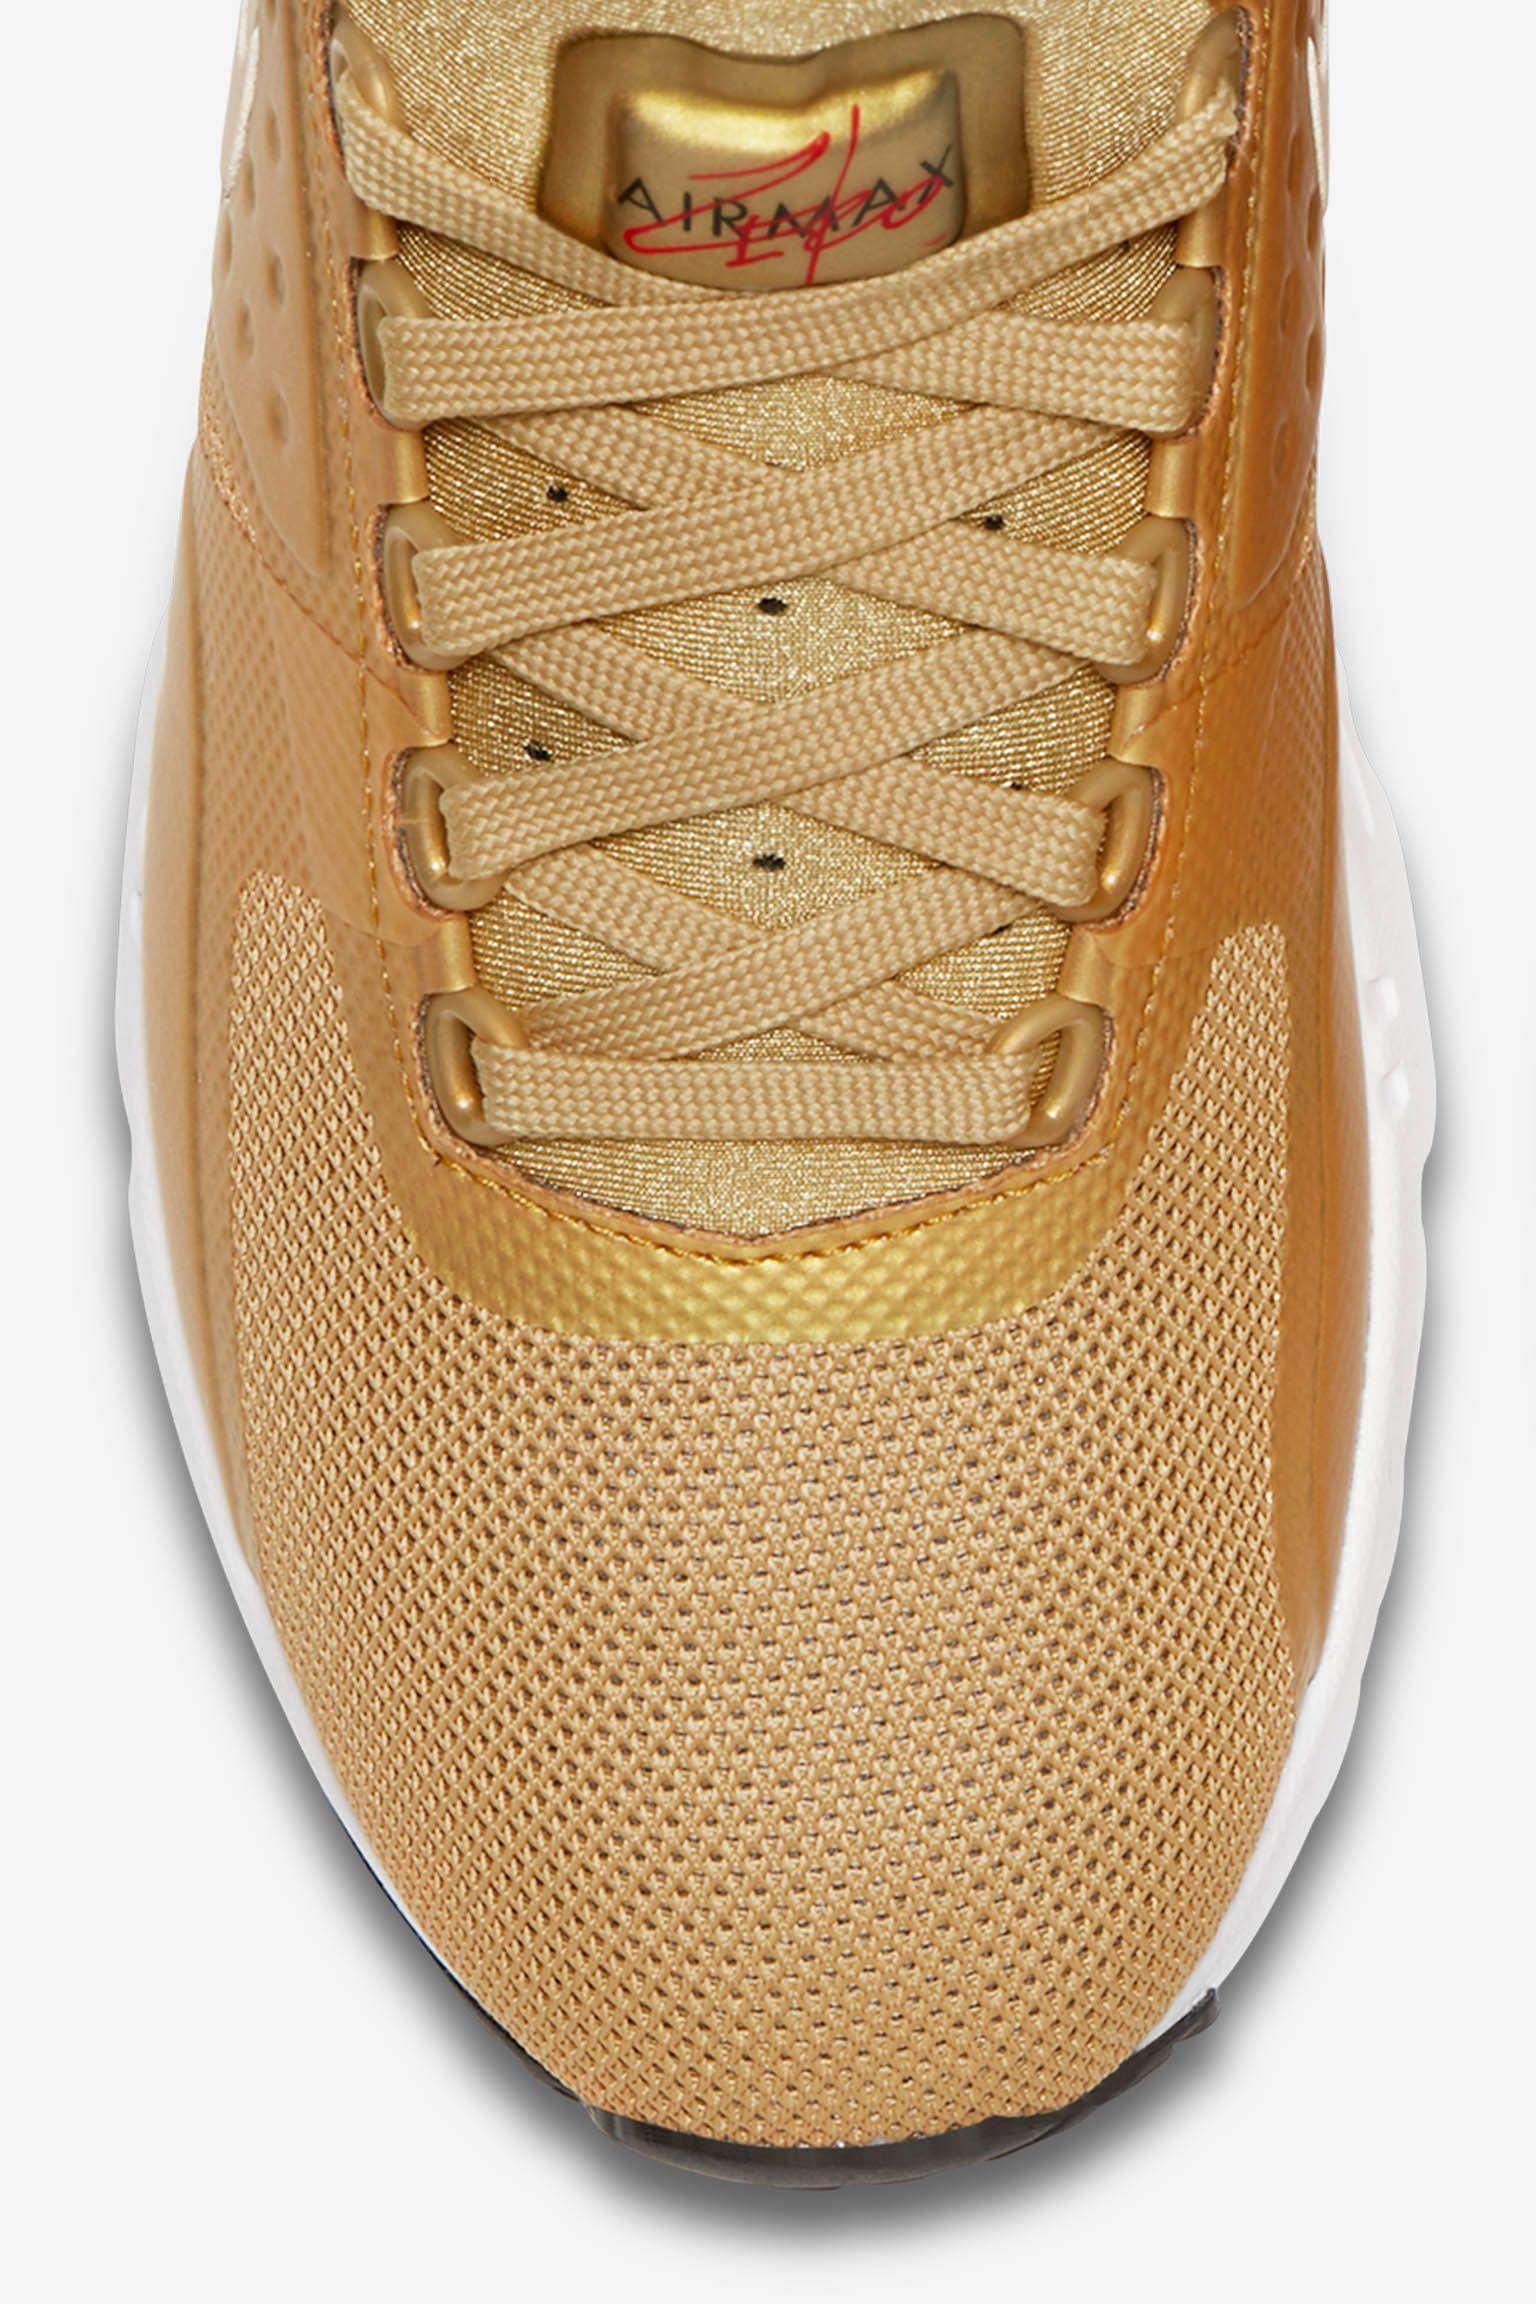 Women's Nike Air Max Zero 'Metallic Gold' Release Date